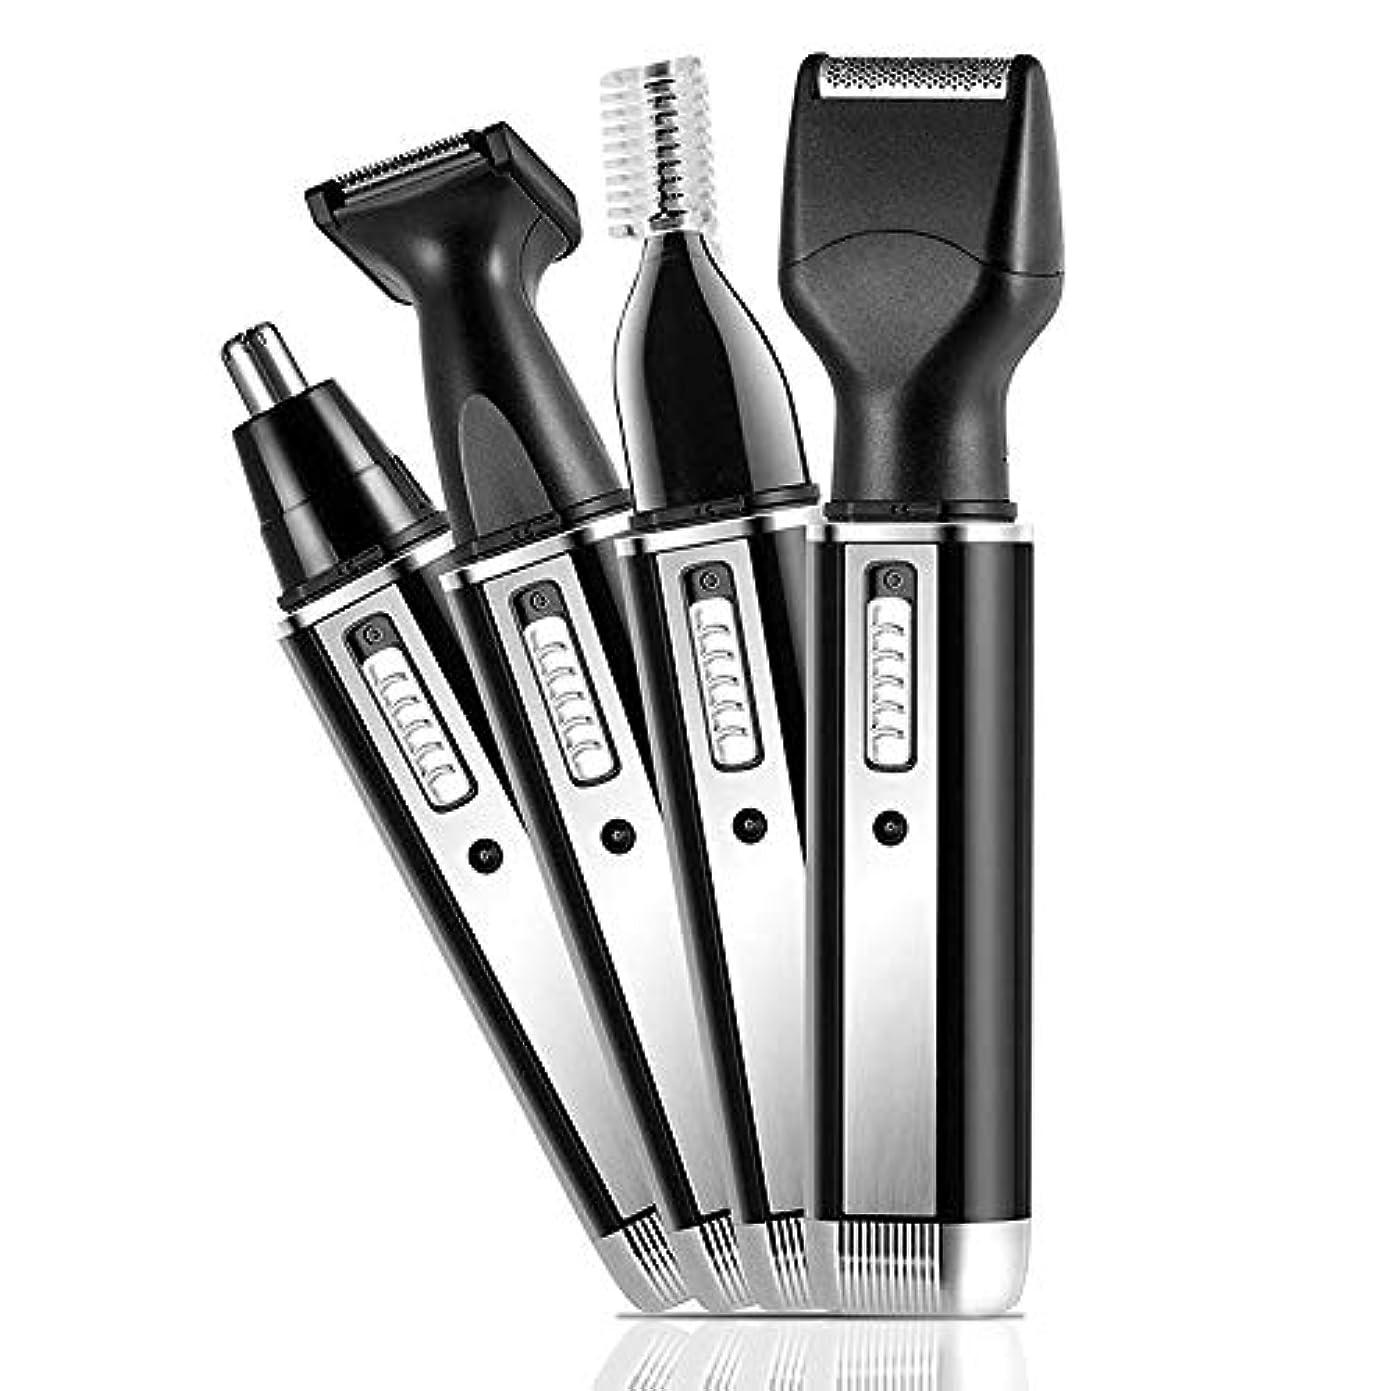 ネココンパクト顧問鼻毛 耳毛カッター マルチトリマー 多機能性4in1 USB充電式 内刃水洗い